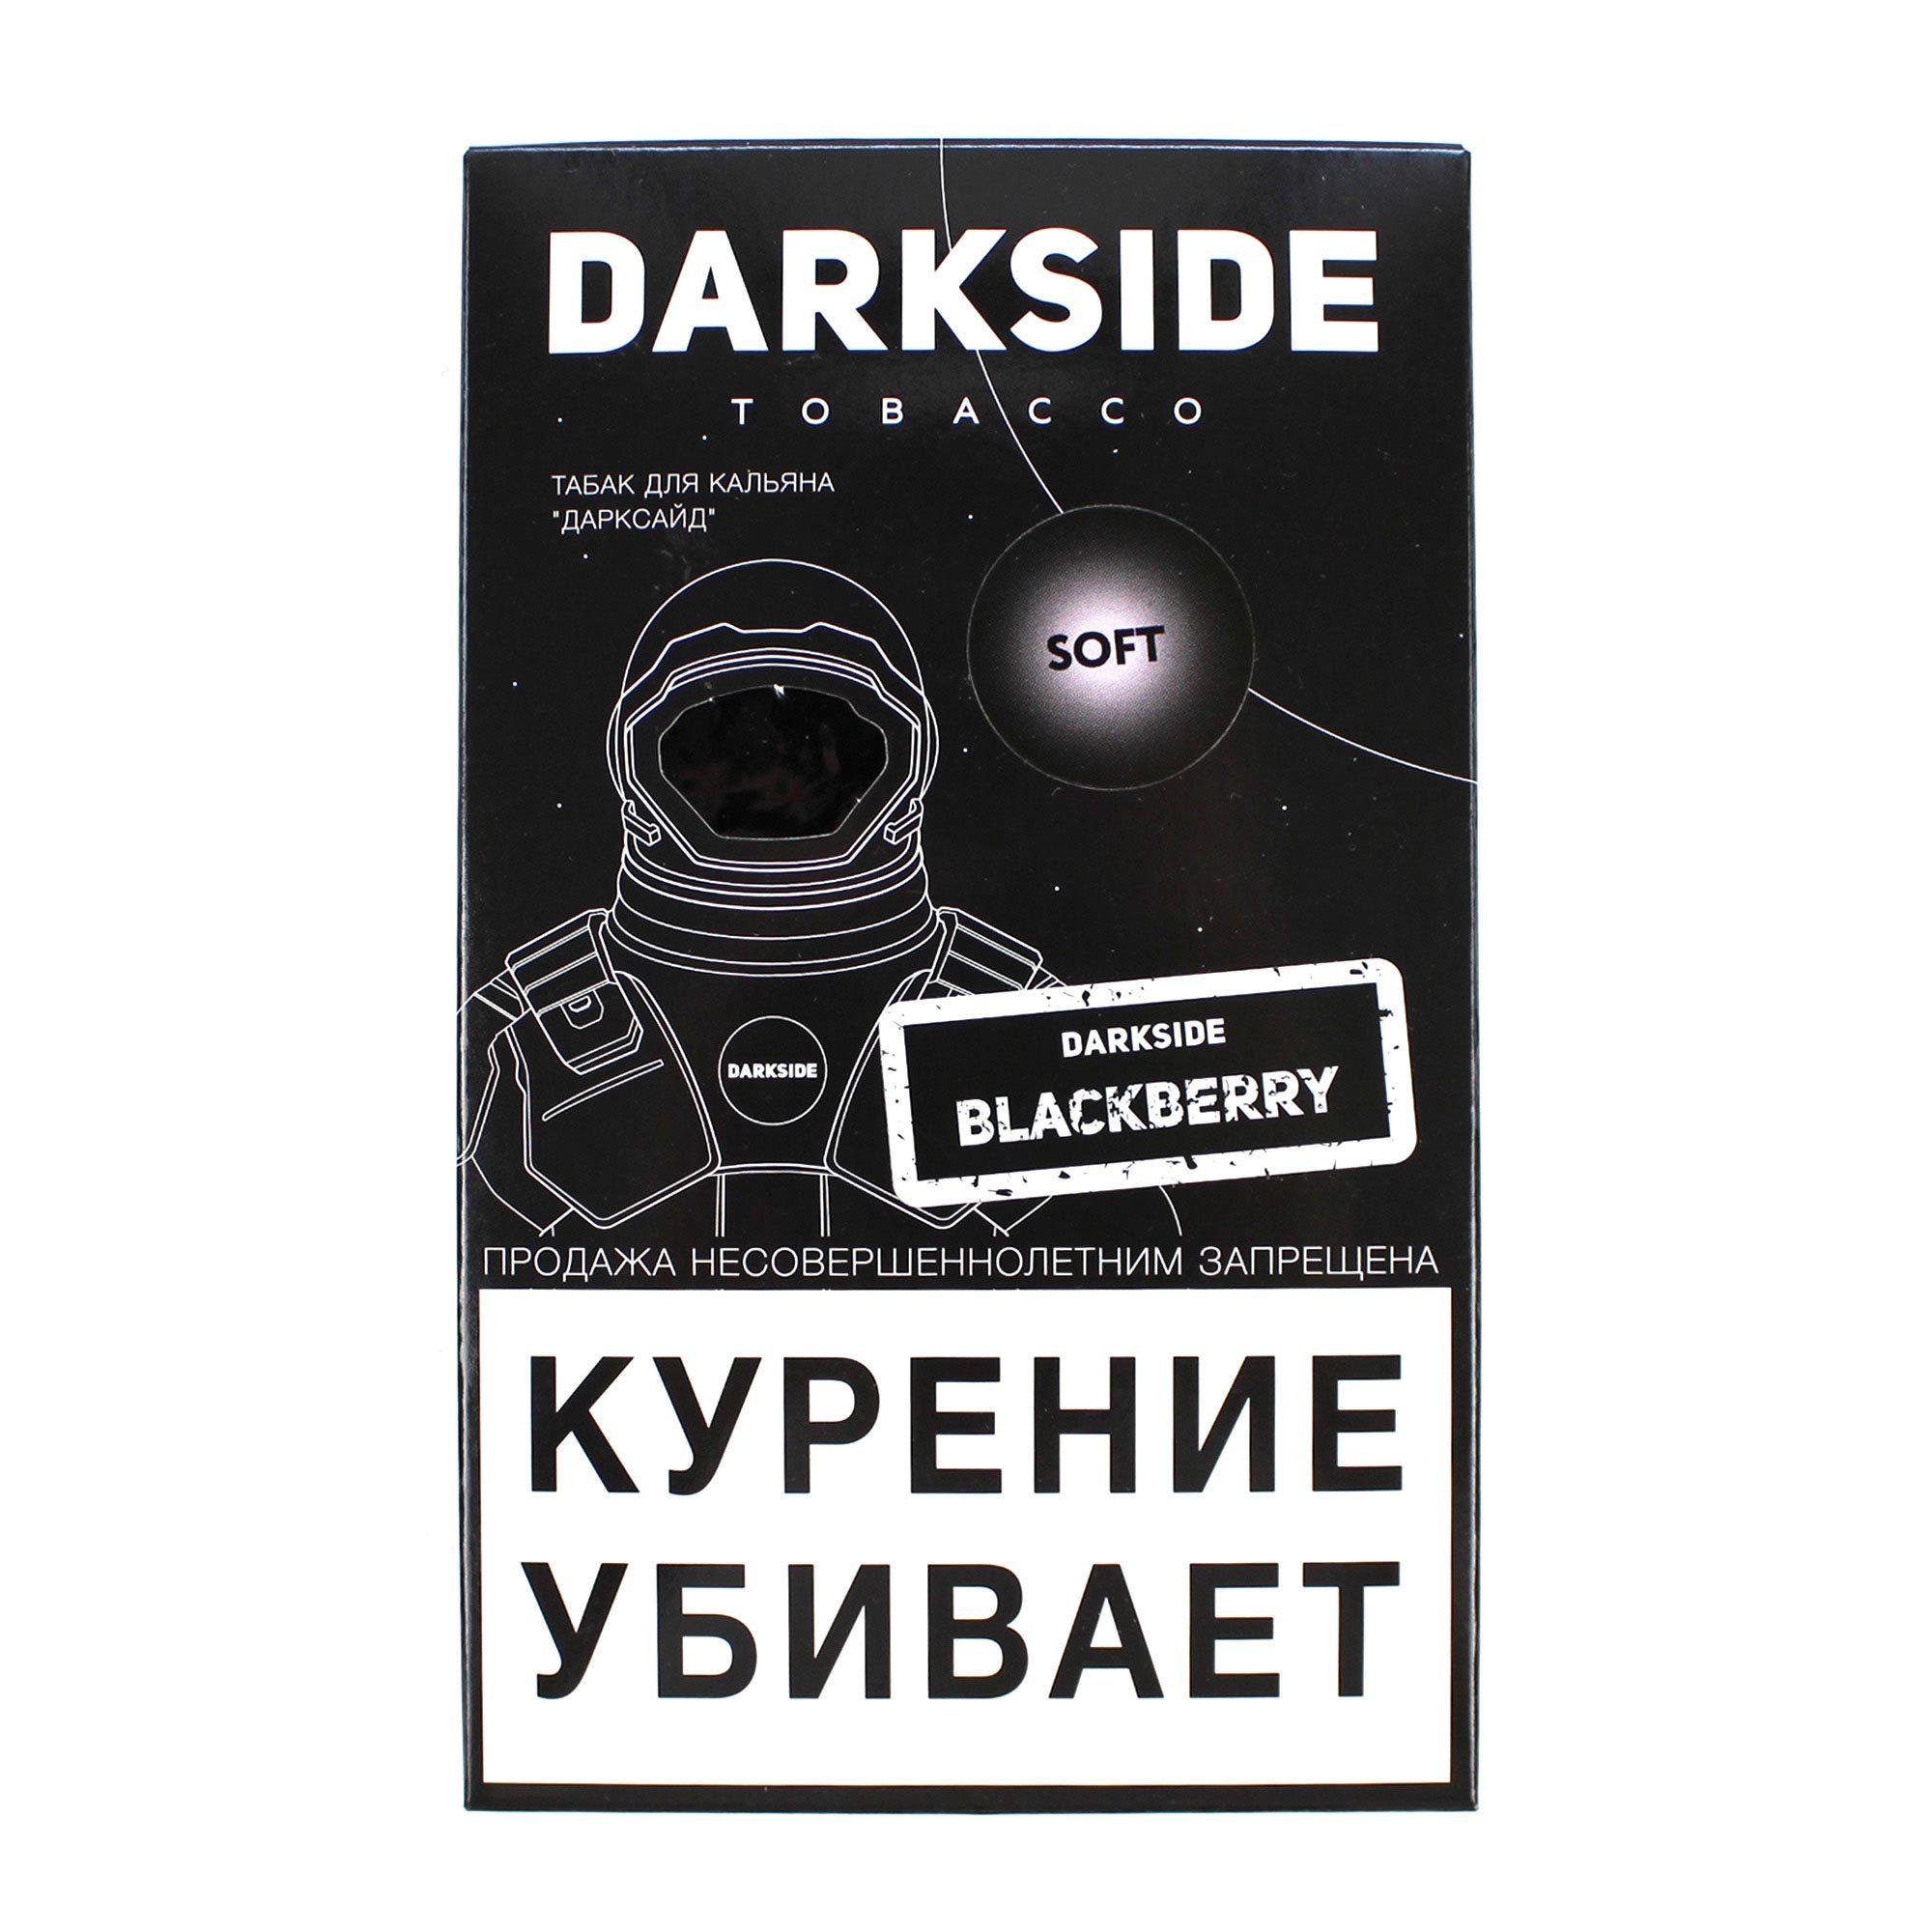 Табак для кальяна Dark Side Soft 100 гр. Blackberry